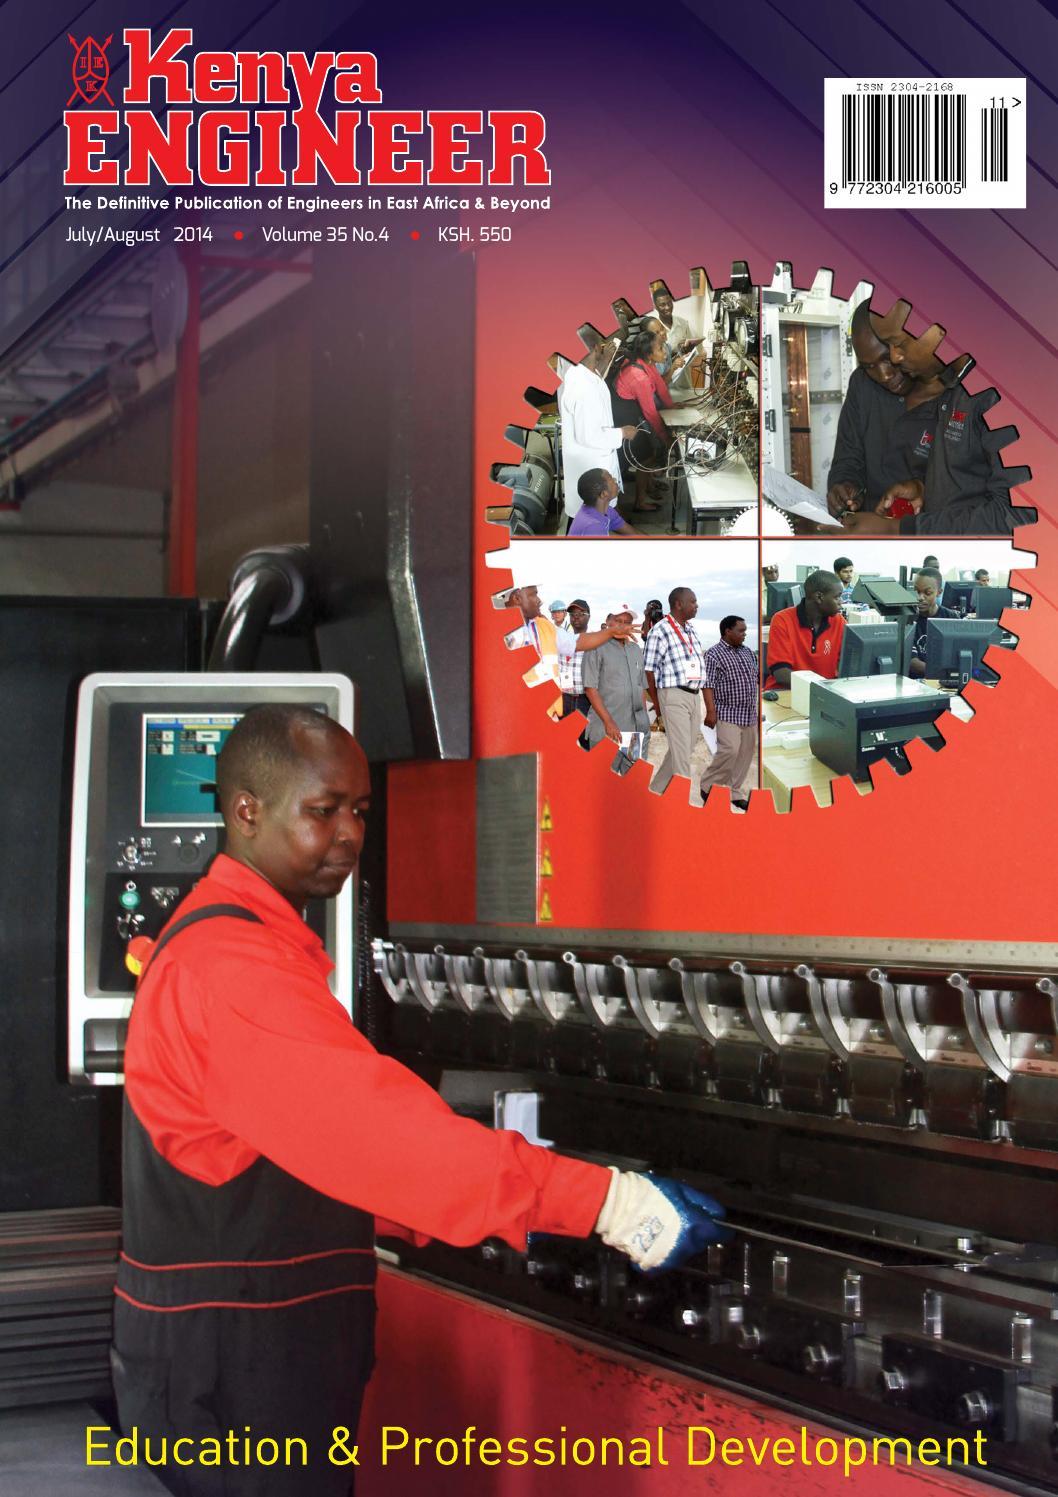 Kenya engineer magazine july august 2014 by kenya Engineer - issuu